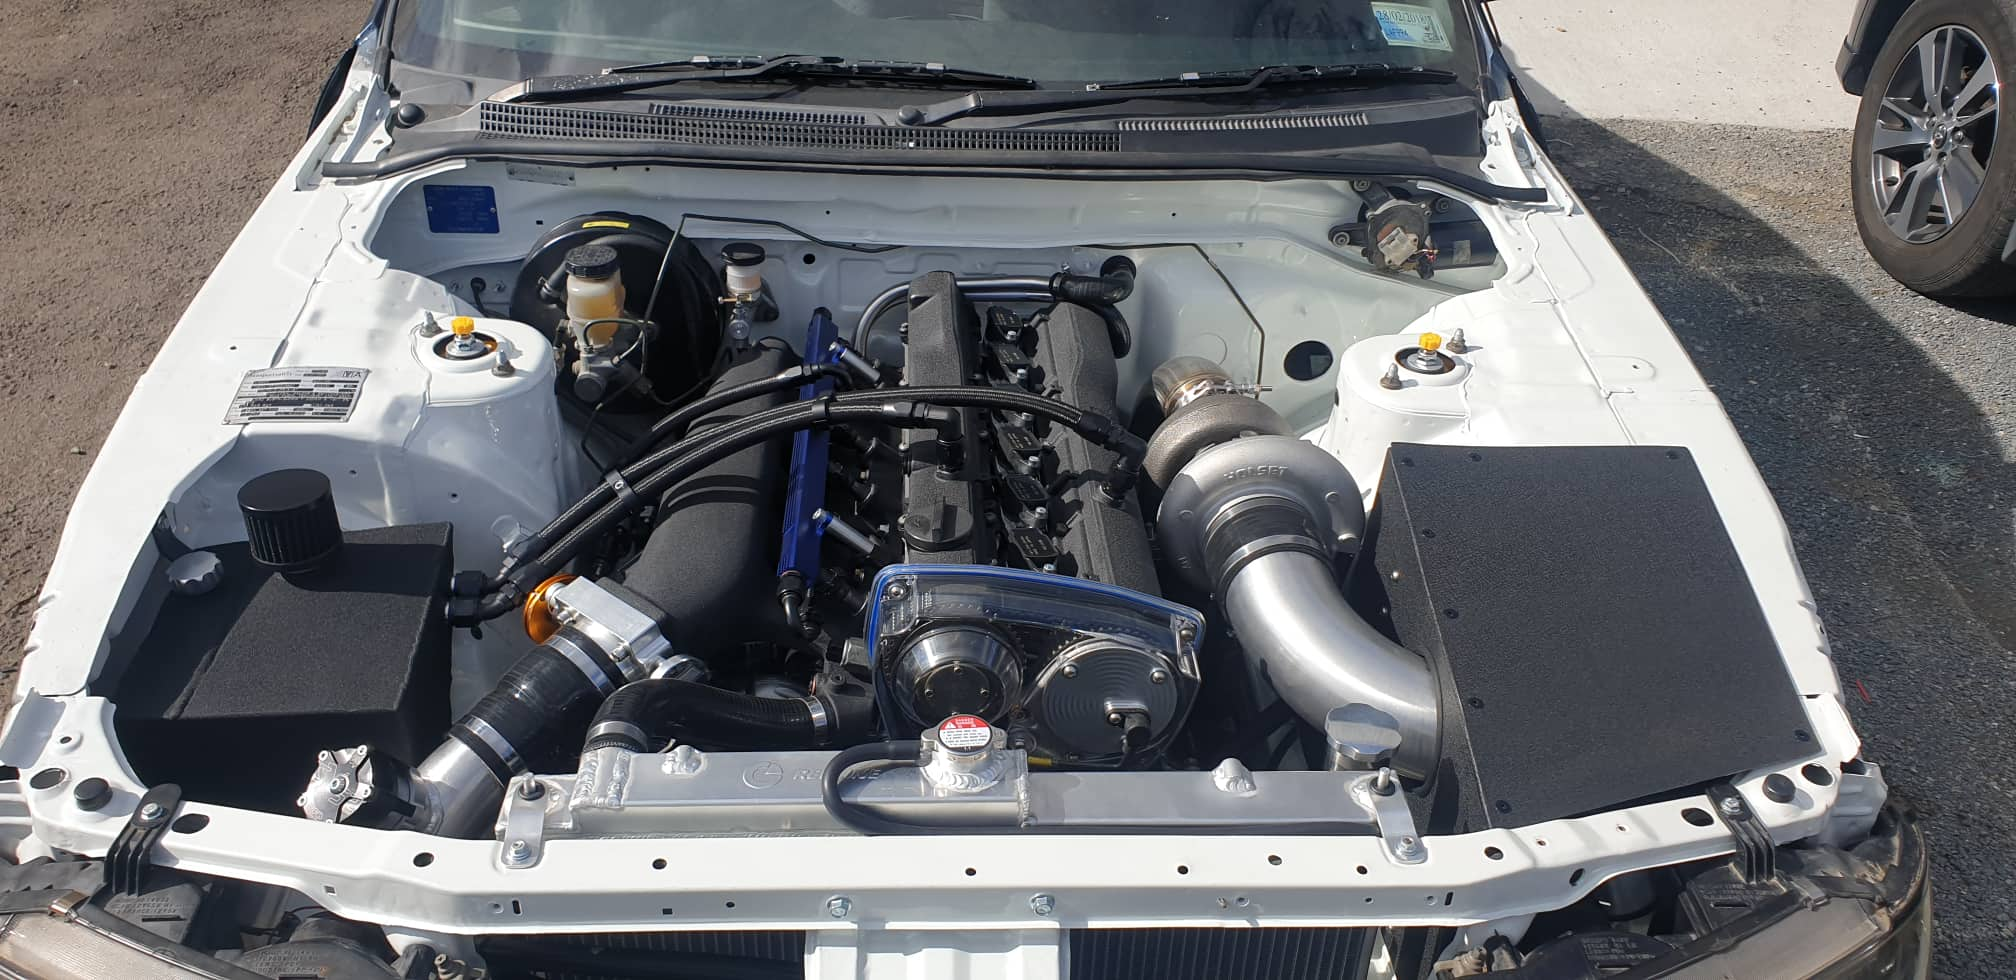 Built R33 Skyline